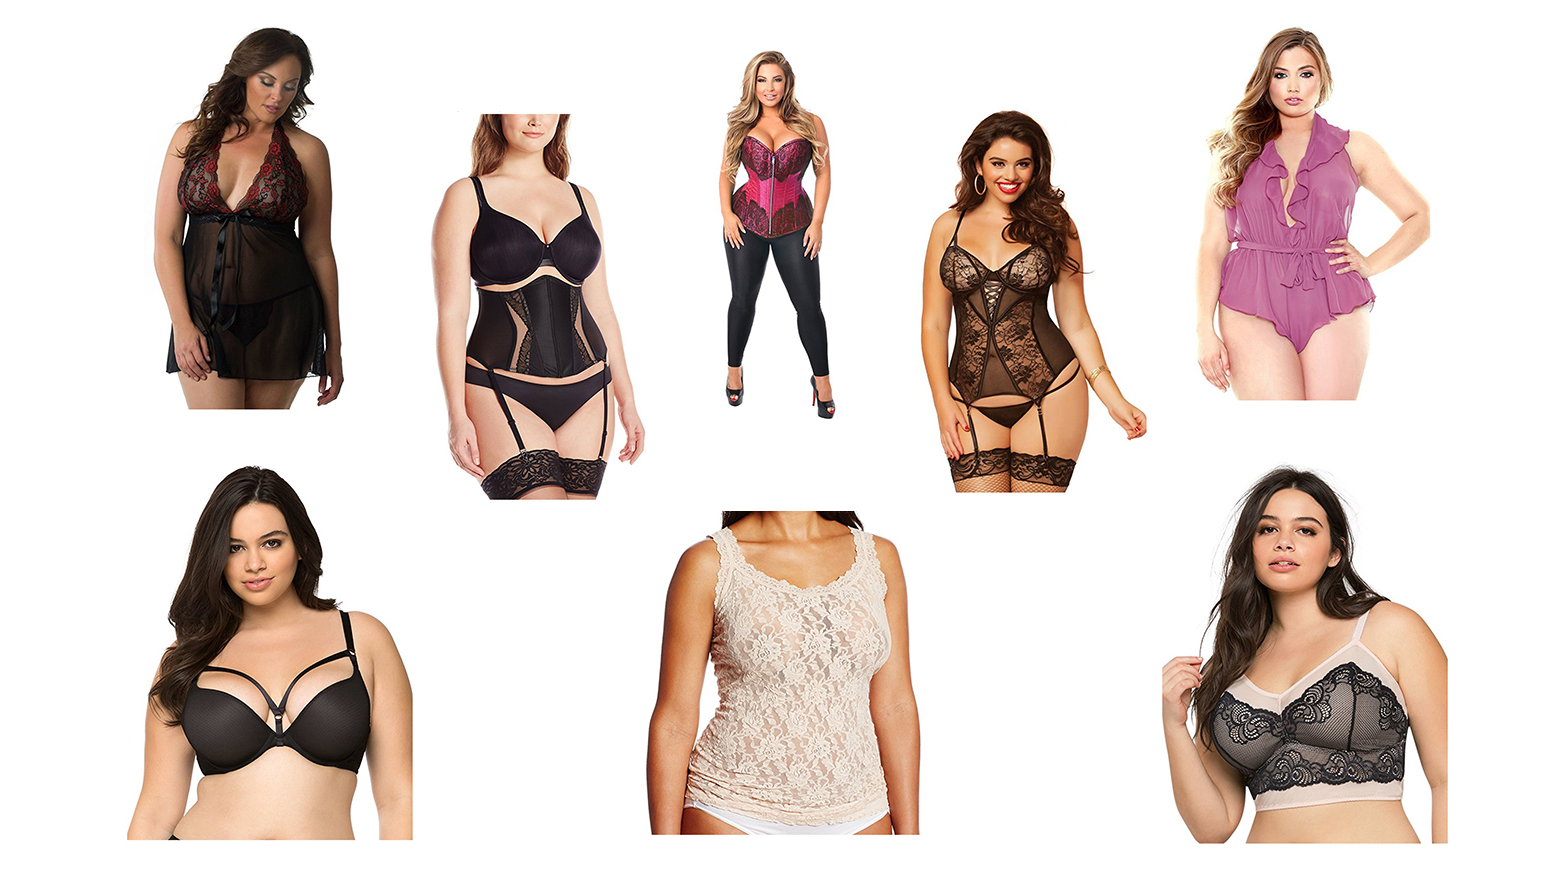 plus size lingerie, lingerie plus size, sexy plus size lingerie, plus size intimates